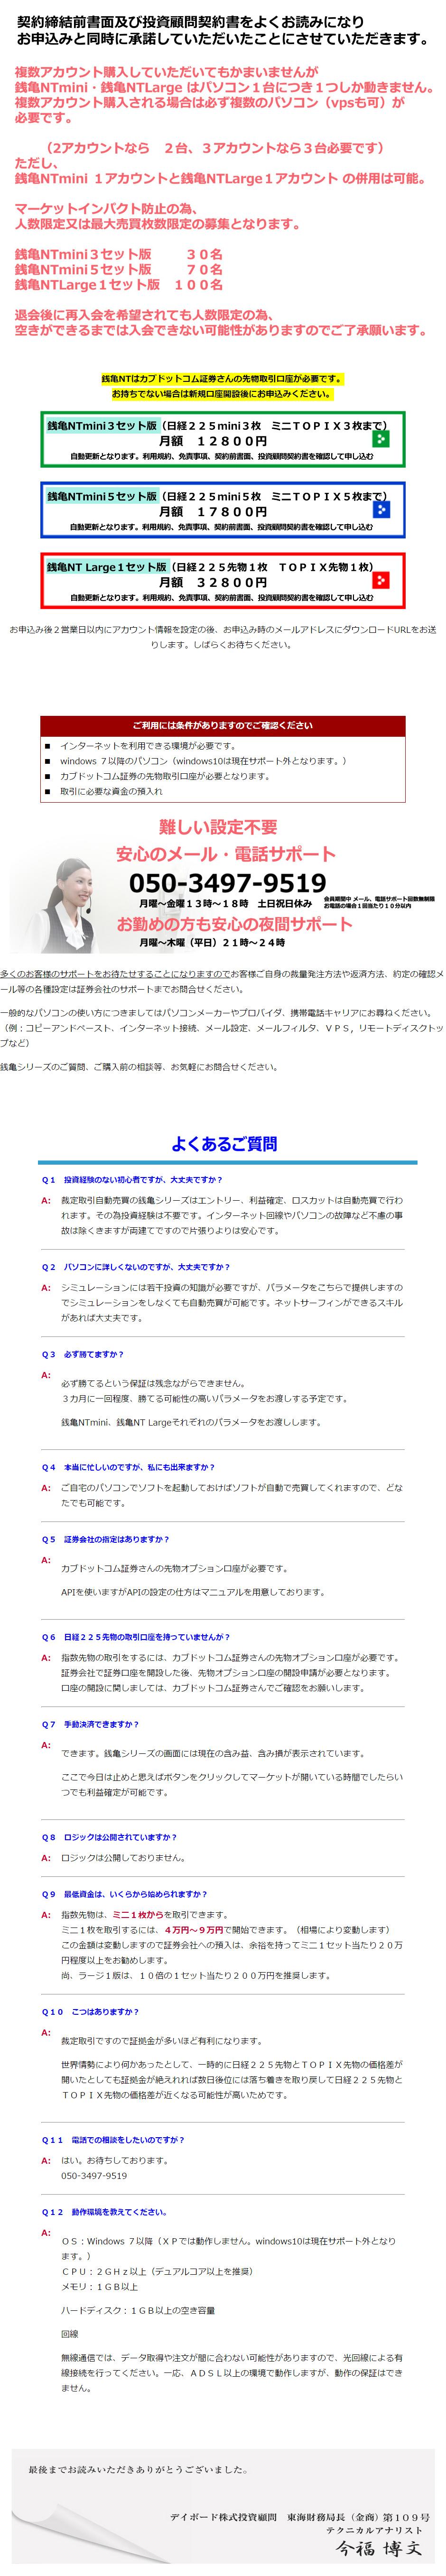 日経225miniとミニTOPI ー 銭亀NT3